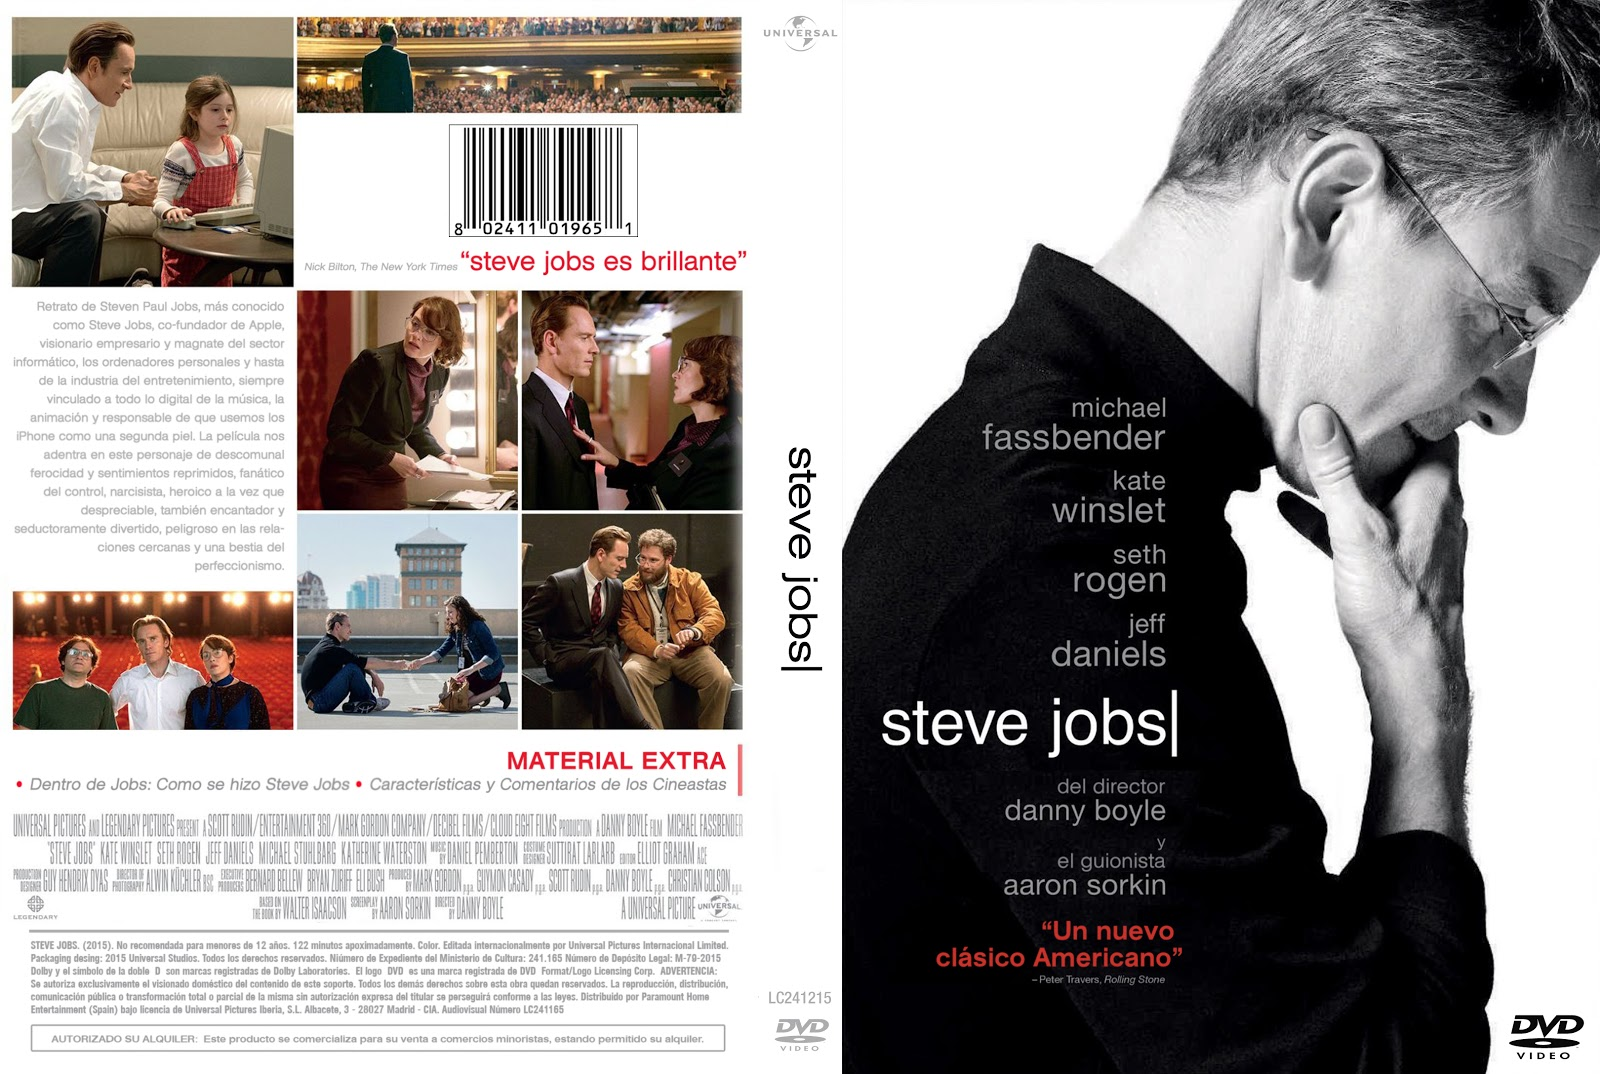 steve jobs dvd Retrato de Steven Paul Jobs, ms conocido como Steve Jobs, co-fundador de Apple, visionario empresario y magnate del sector informtico, los ordenadores ...